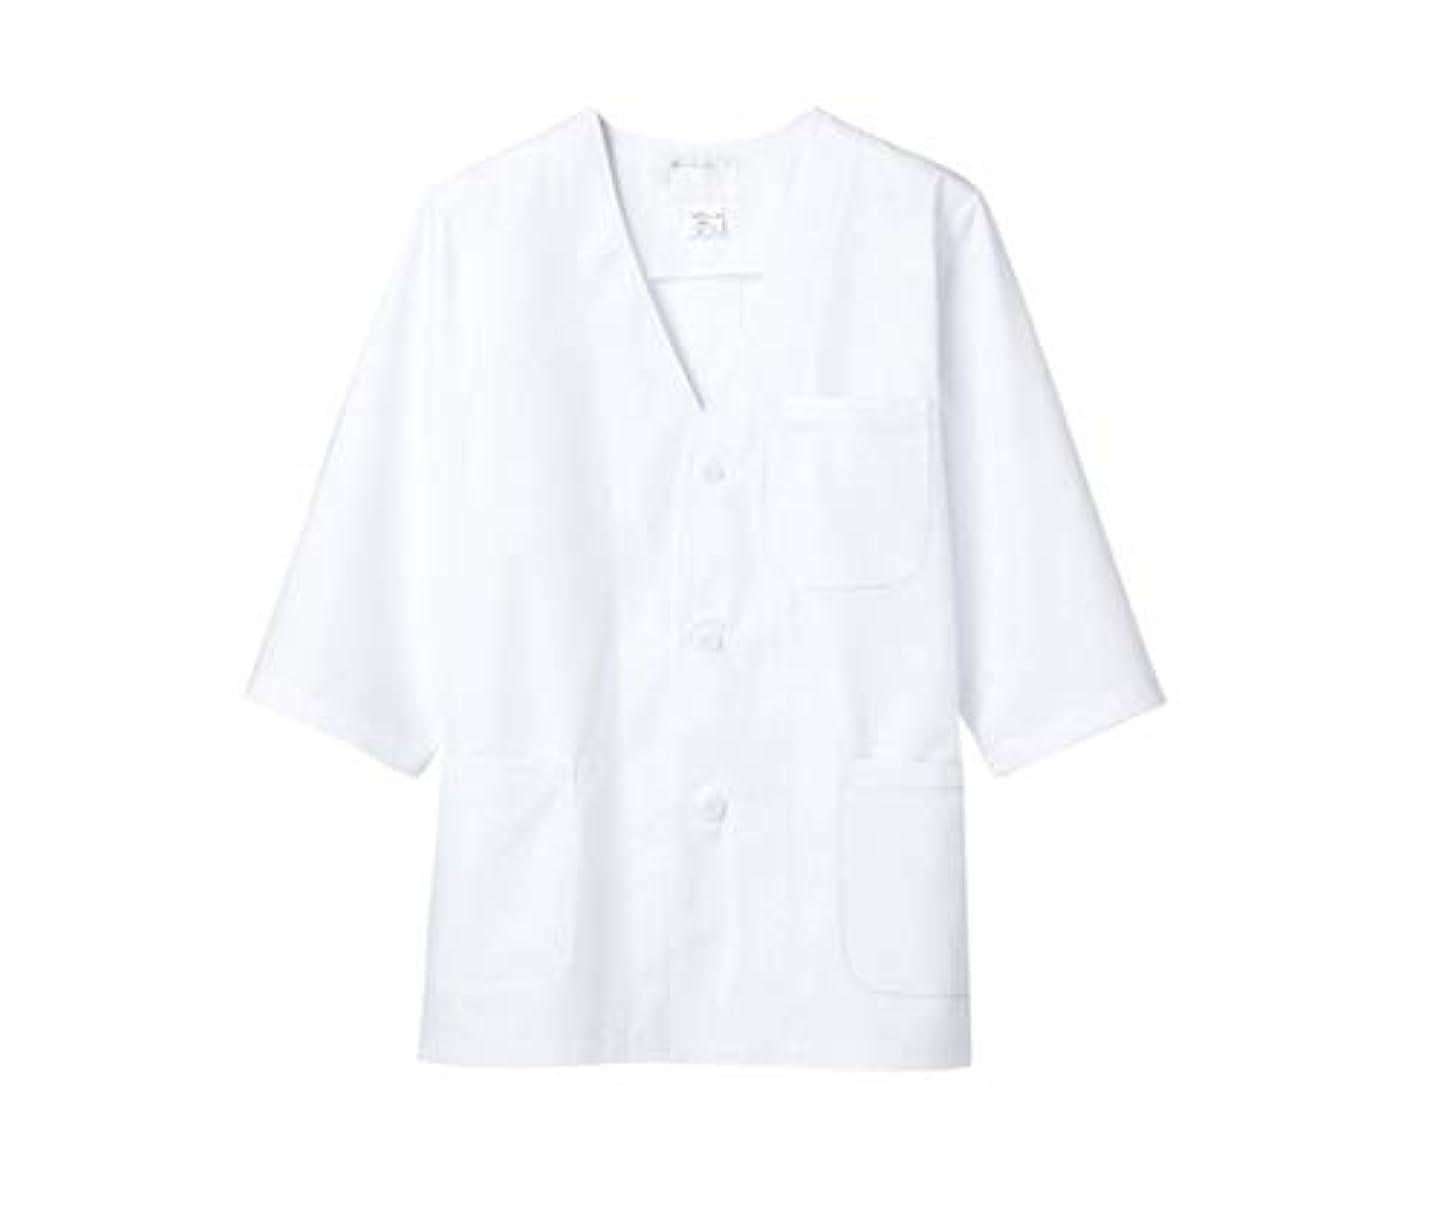 代わりのハム動かす調理衣 メンズ 7分袖 白/61-6077-91